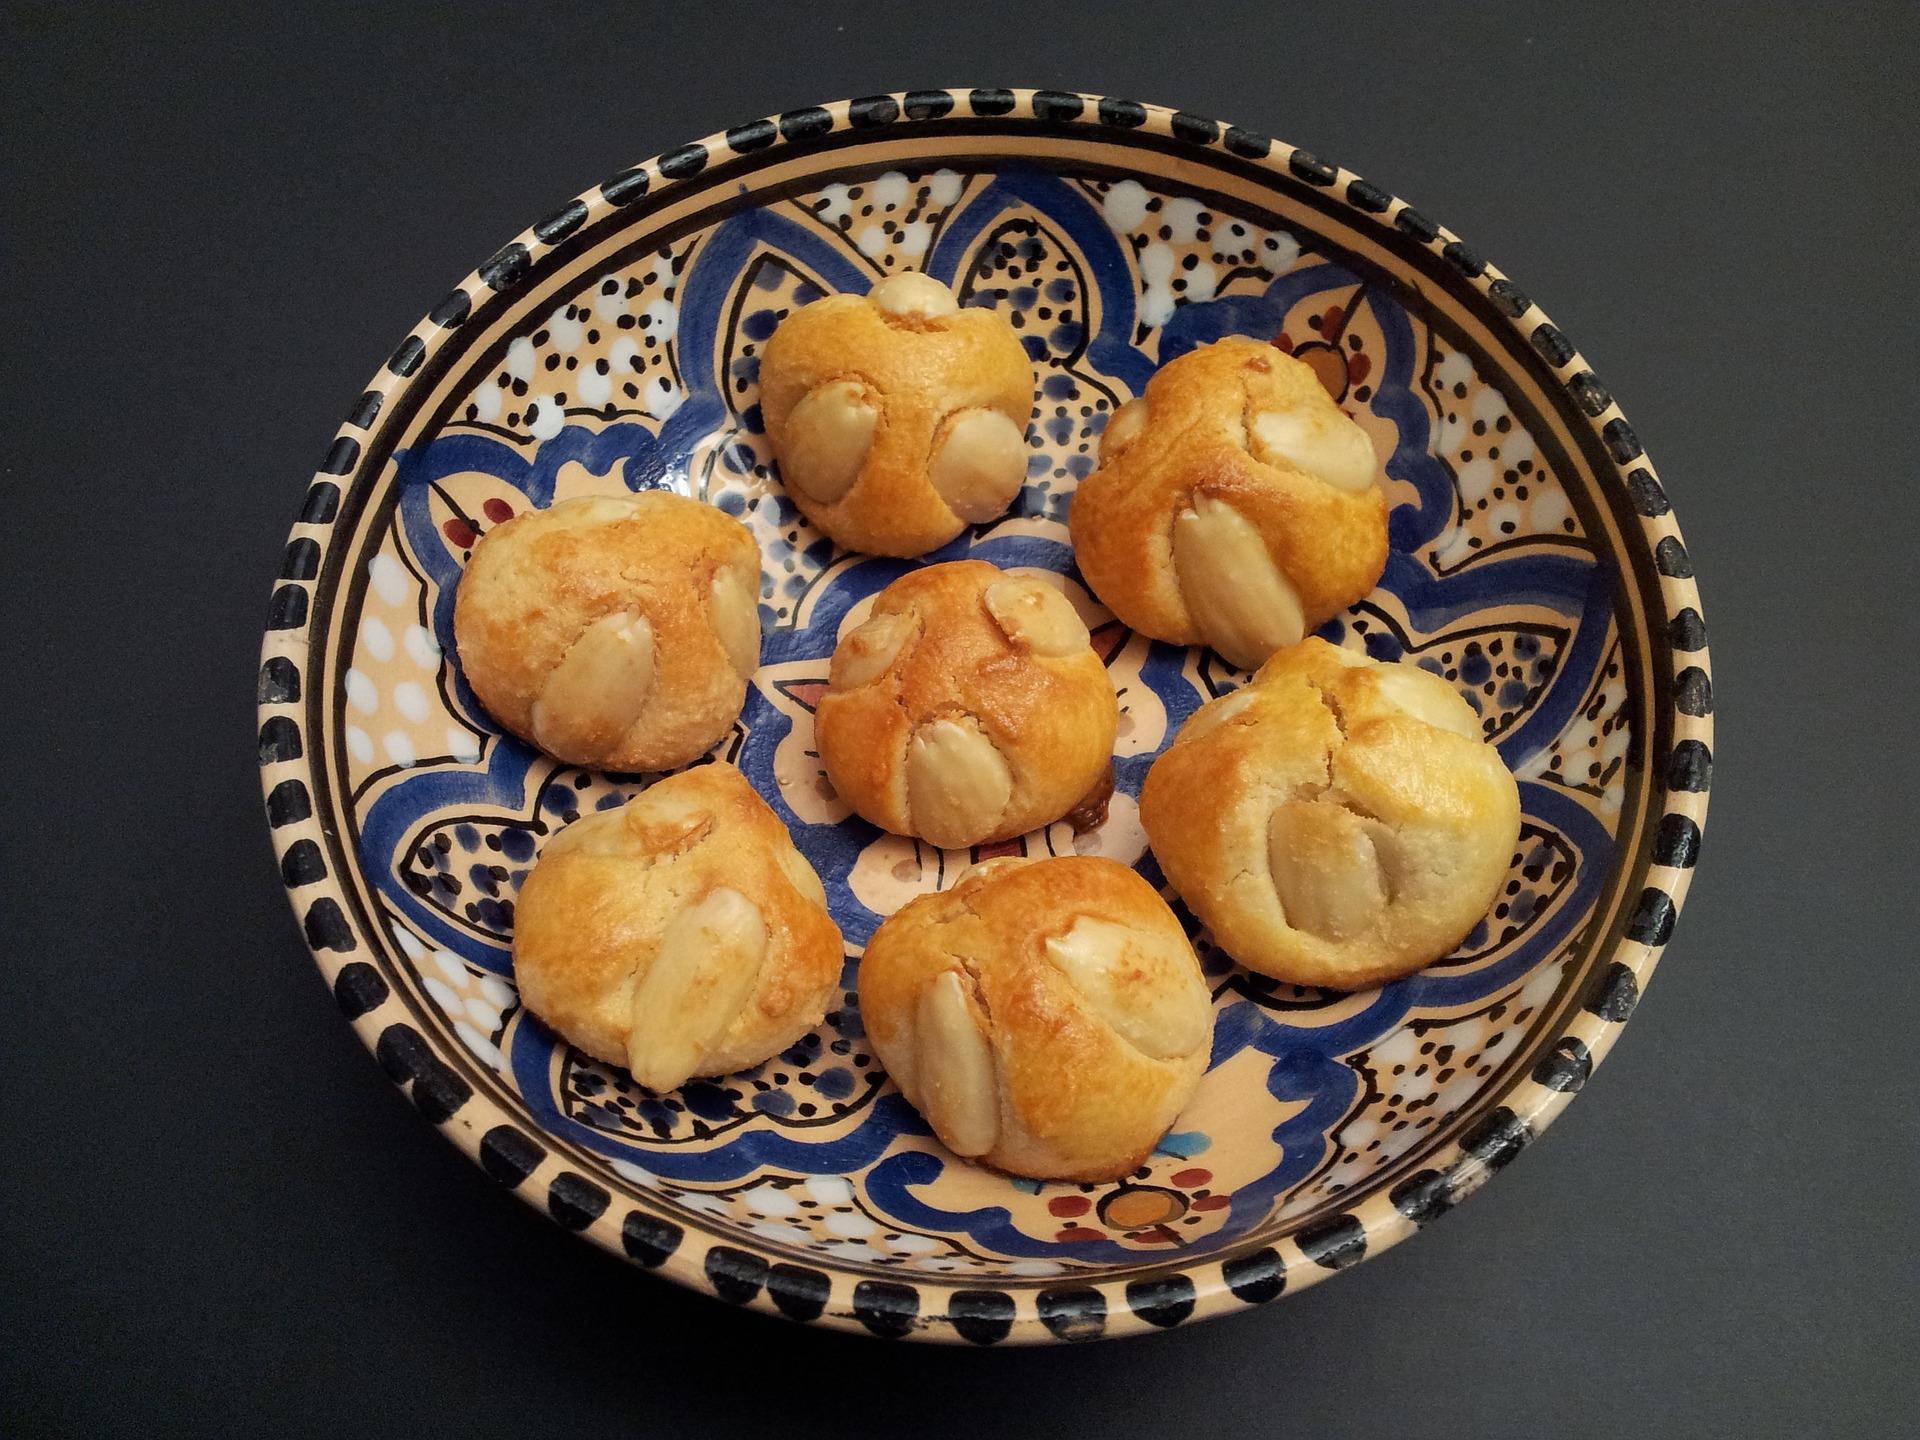 biscotti con albumi e mandorle senza zucchero